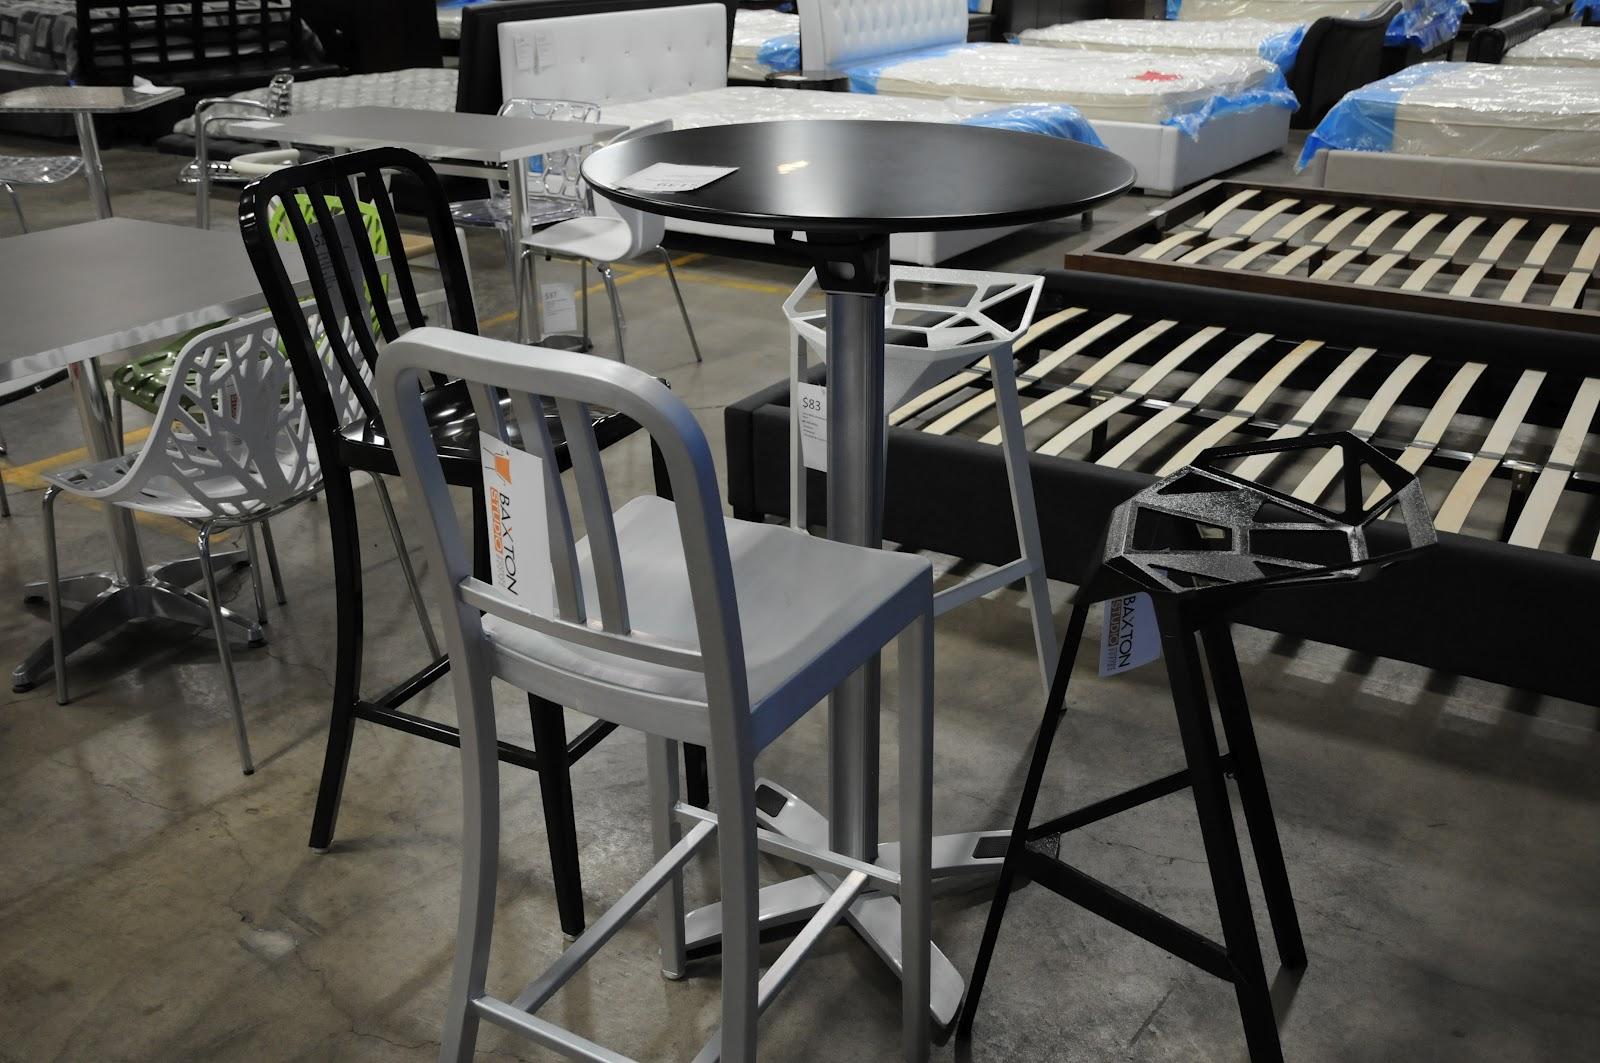 wholesale furniture restaurant furniture commercial furniture trade show furniture. Black Bedroom Furniture Sets. Home Design Ideas